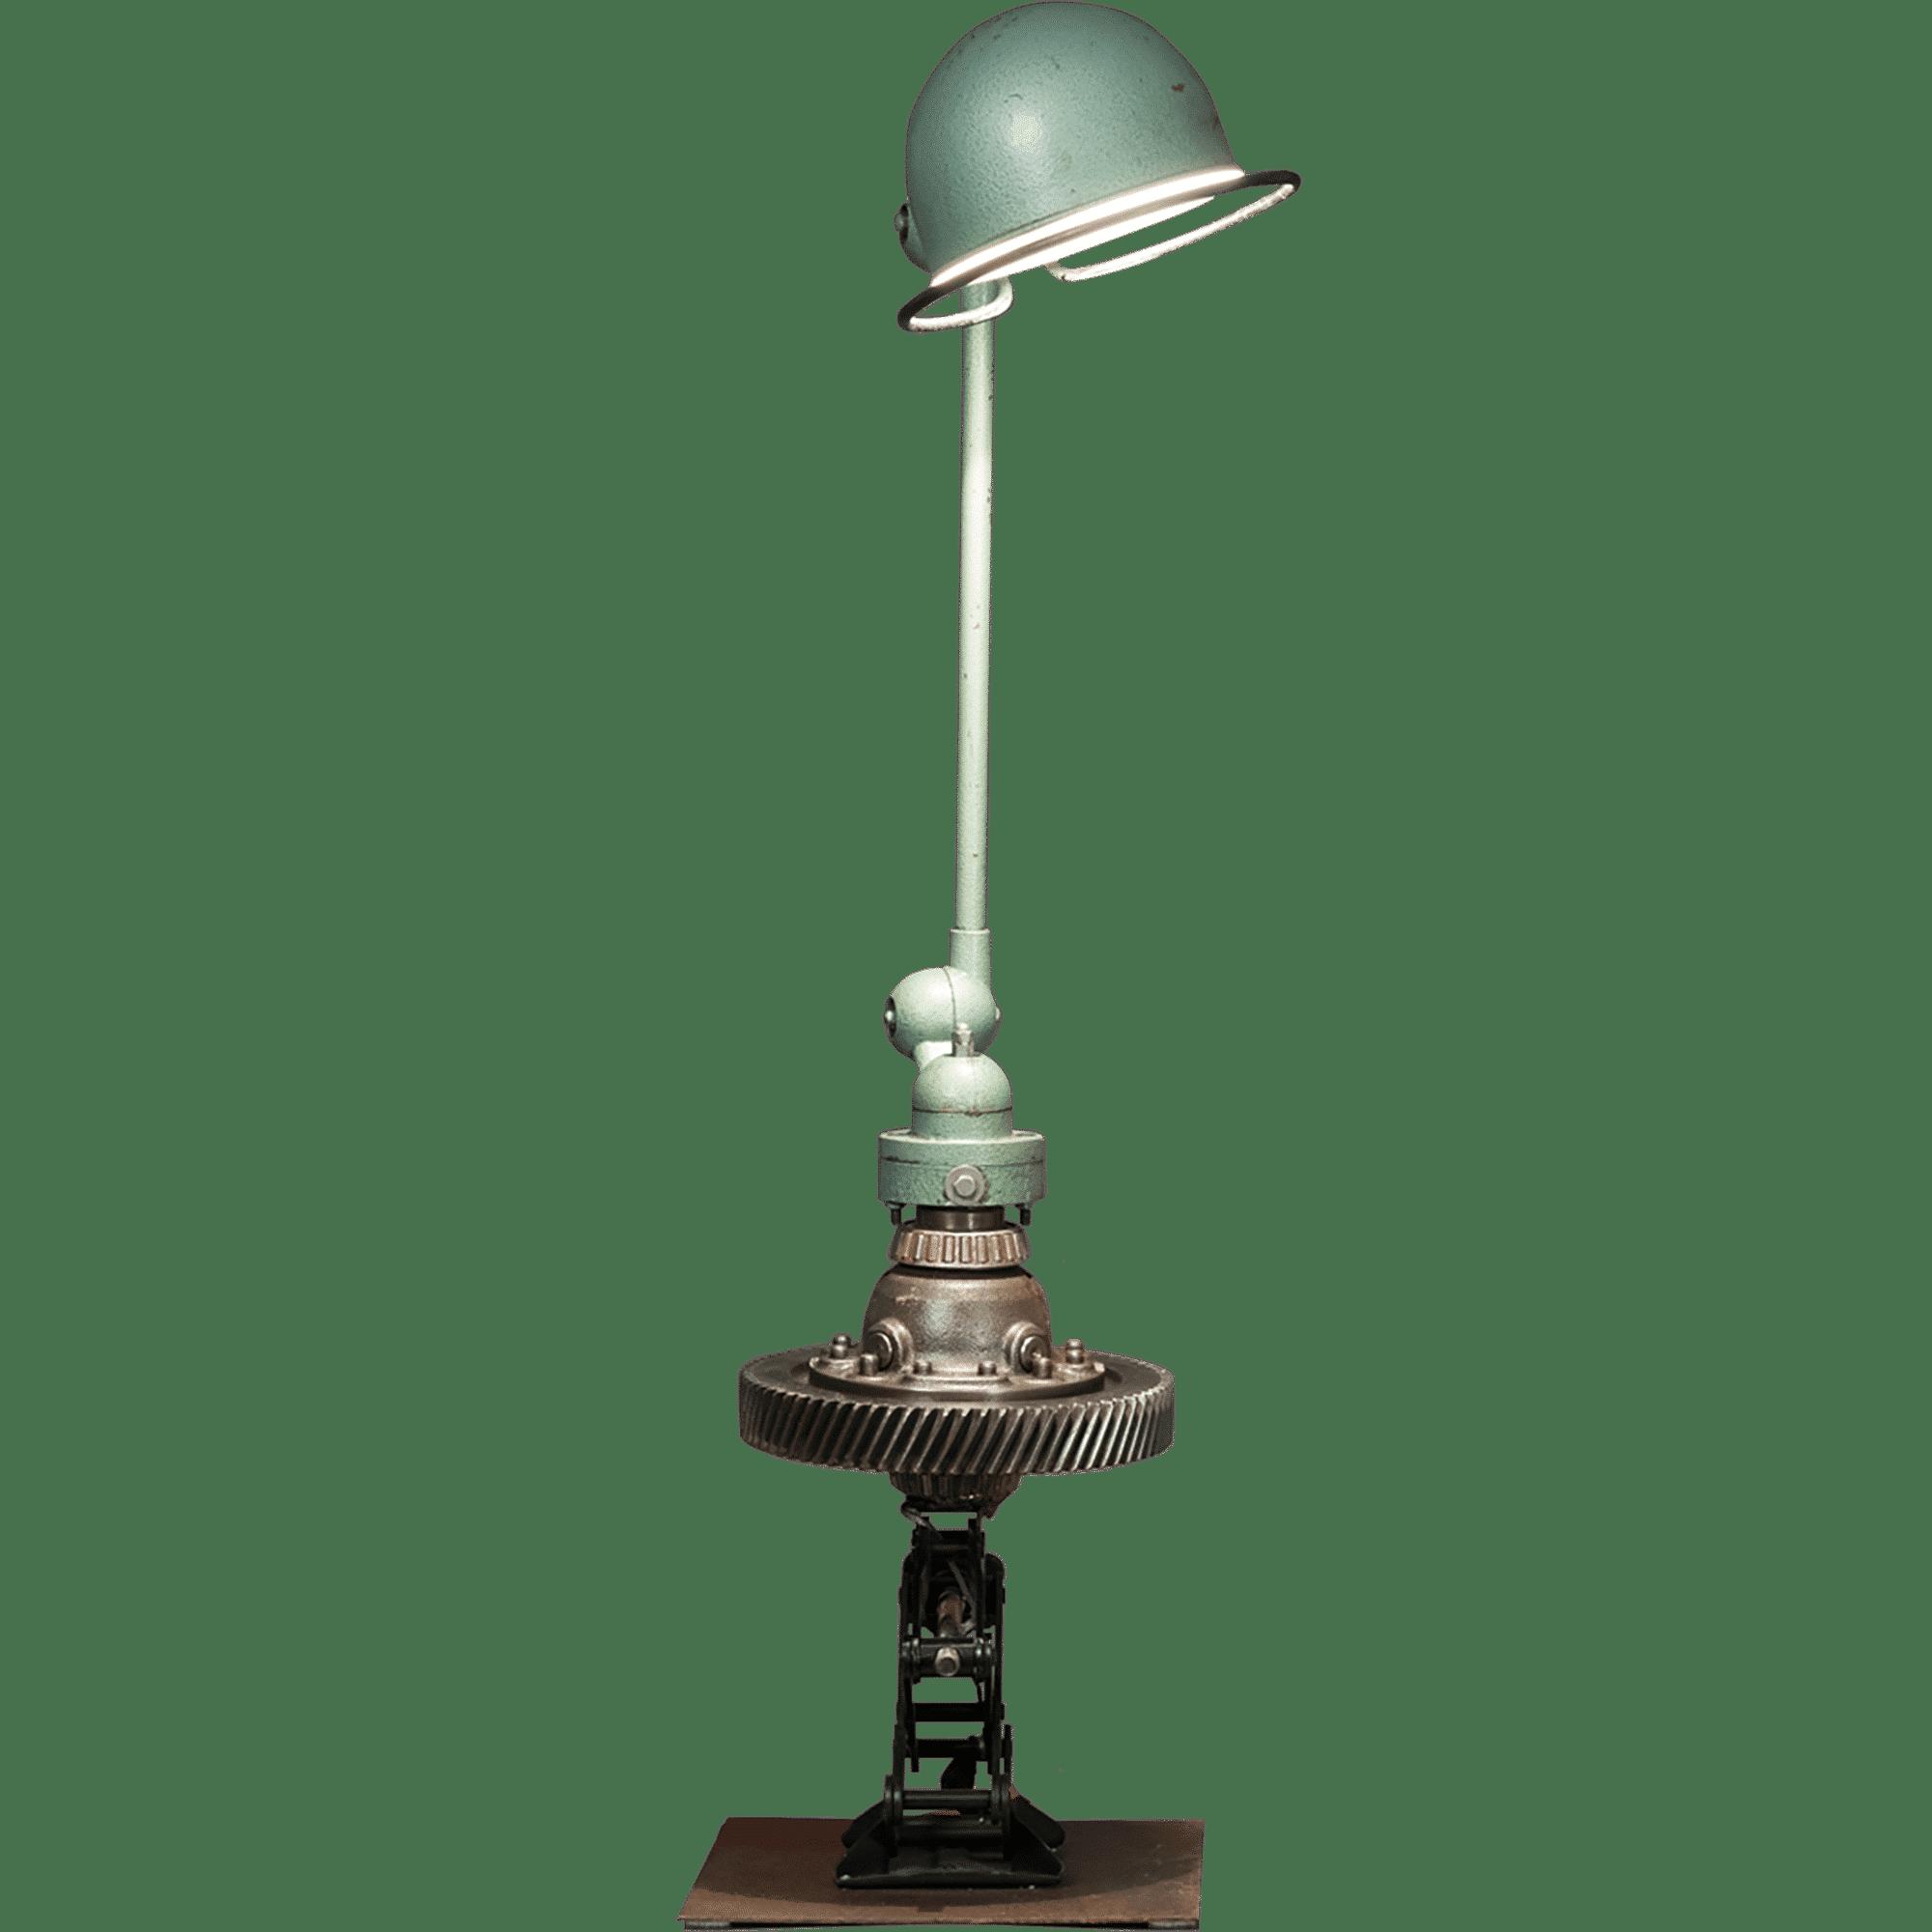 lampe atelier jielde soud e avec pi ce d tach e id e cadeau fan d 39 auto. Black Bedroom Furniture Sets. Home Design Ideas